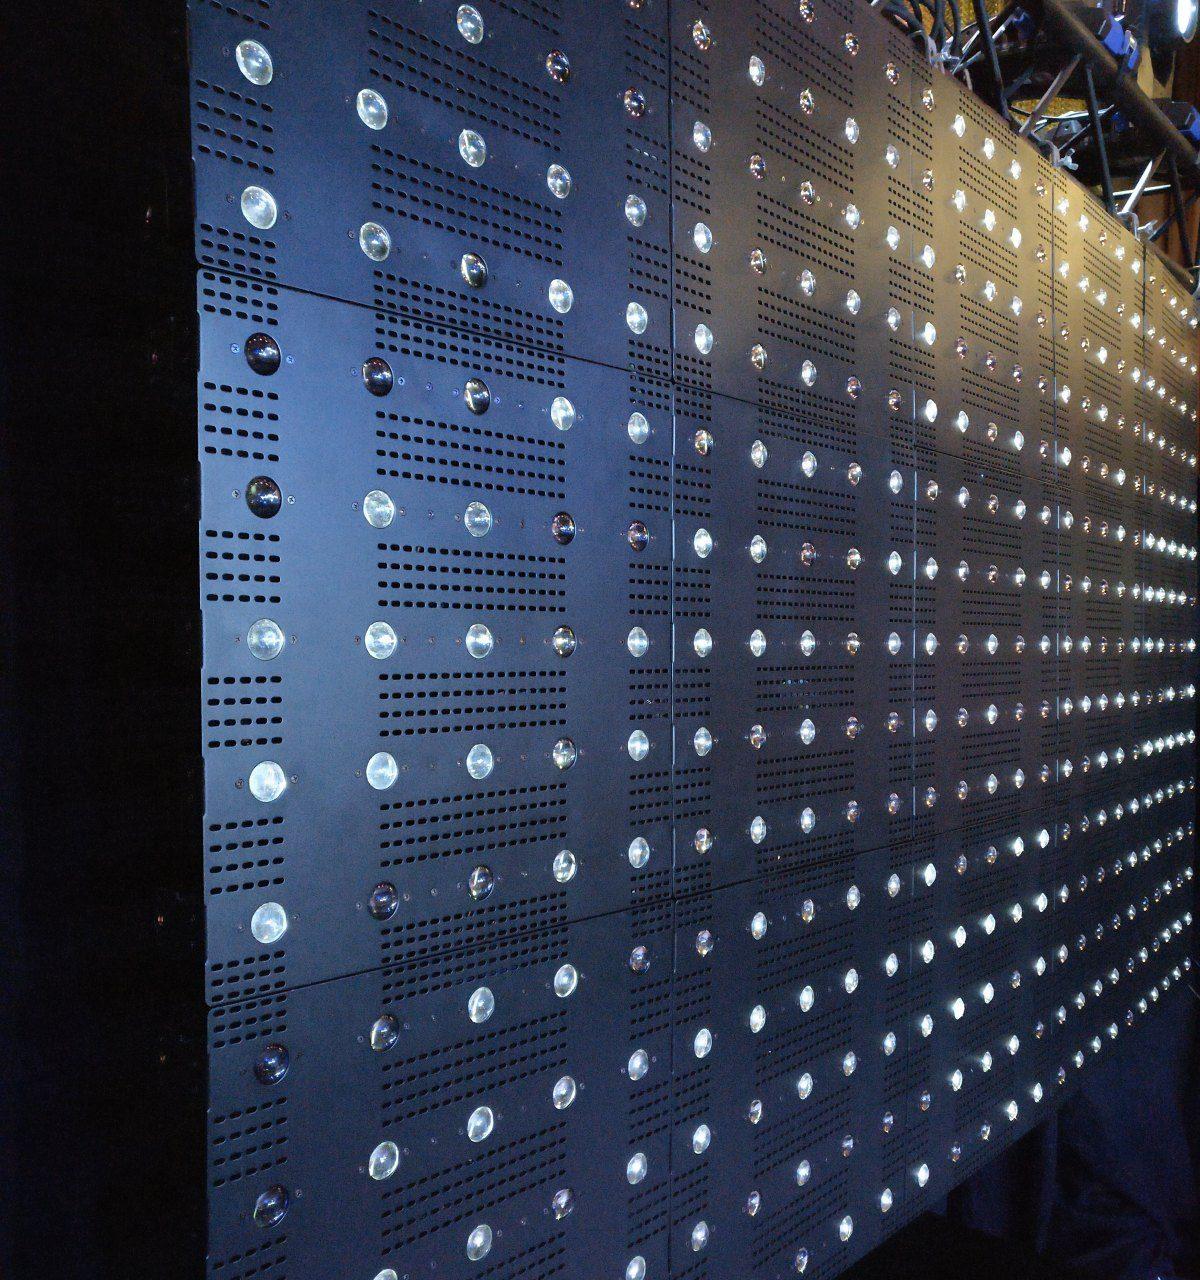 Beam Blinder (5x5 matriisi) - Beam Blinder on kiilamainen blinder efekti. Yhdessä 45cm x 45cm elementissä on 25 kpl kylmän valkoista erikseen DMX-ohjattavaa lediä. Valokeila aukeaa 8° asteen kulmassa.